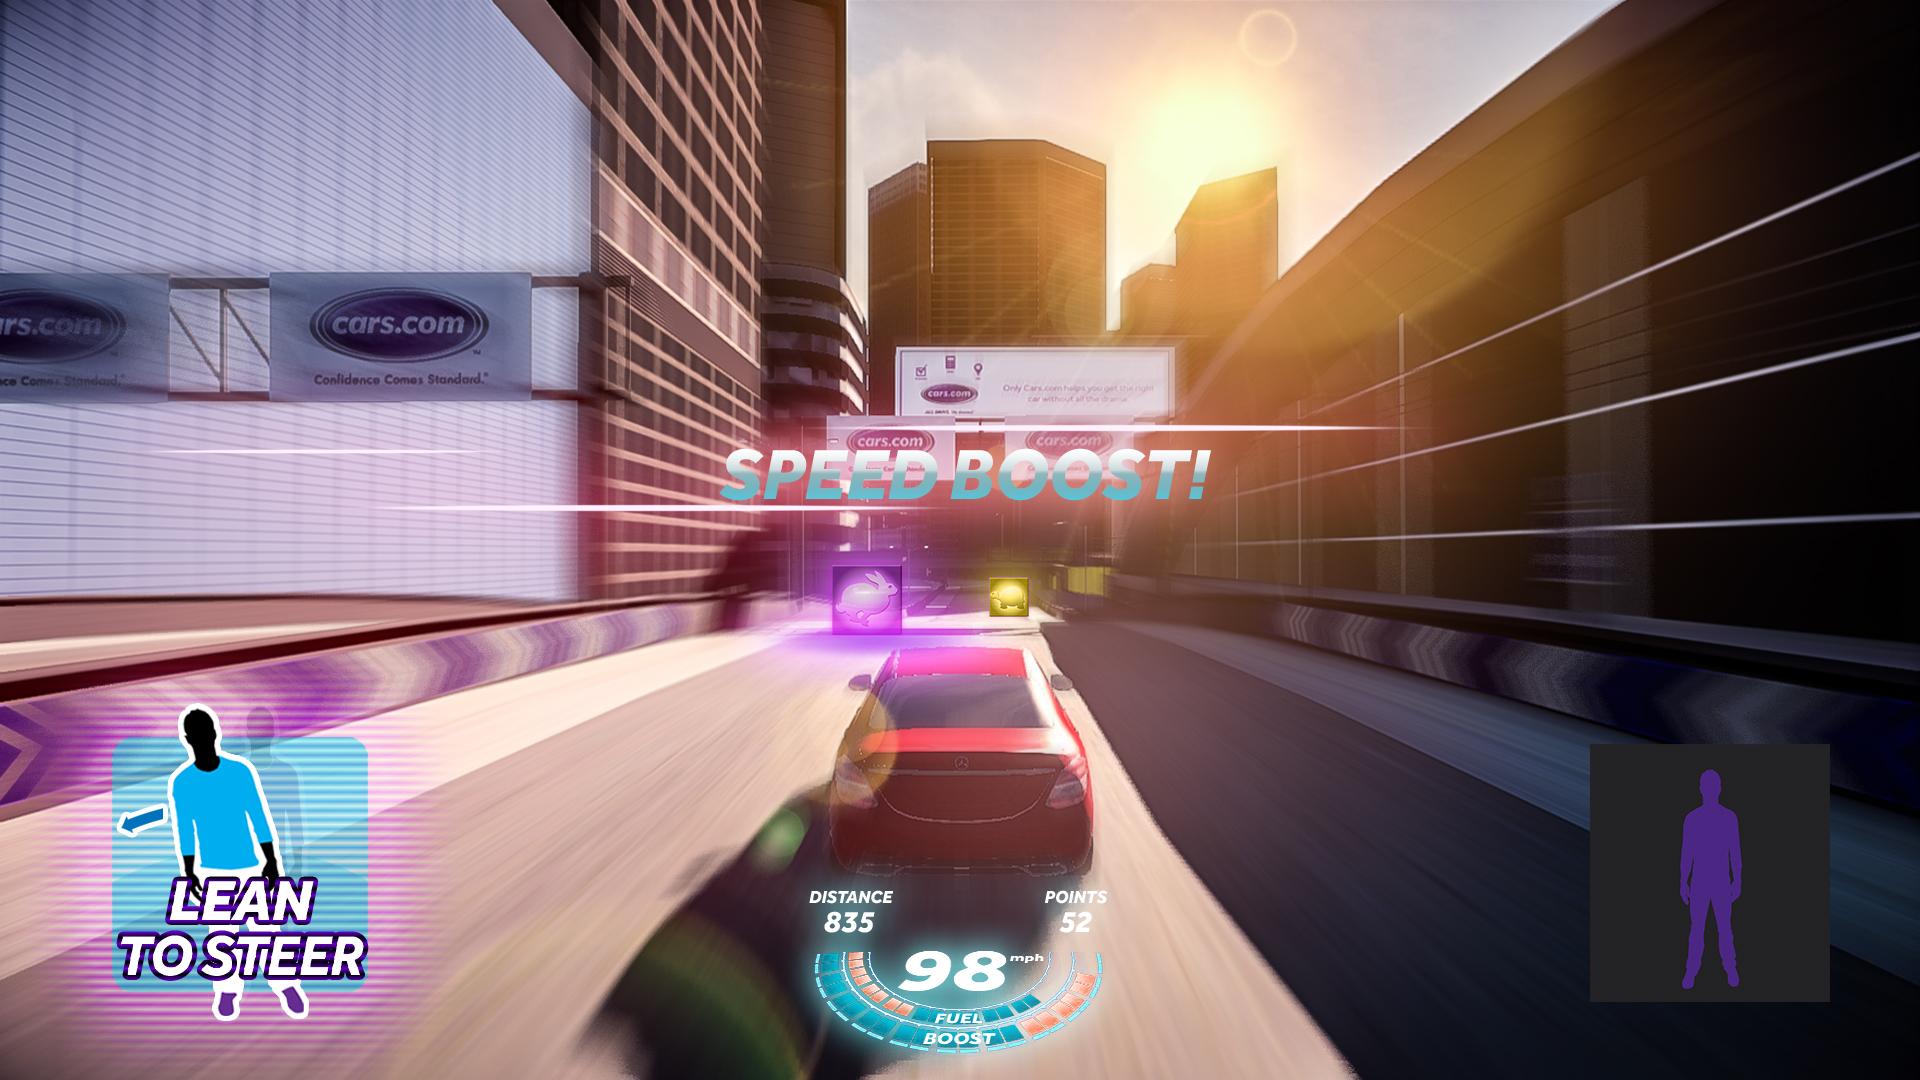 Cars.com: Racer